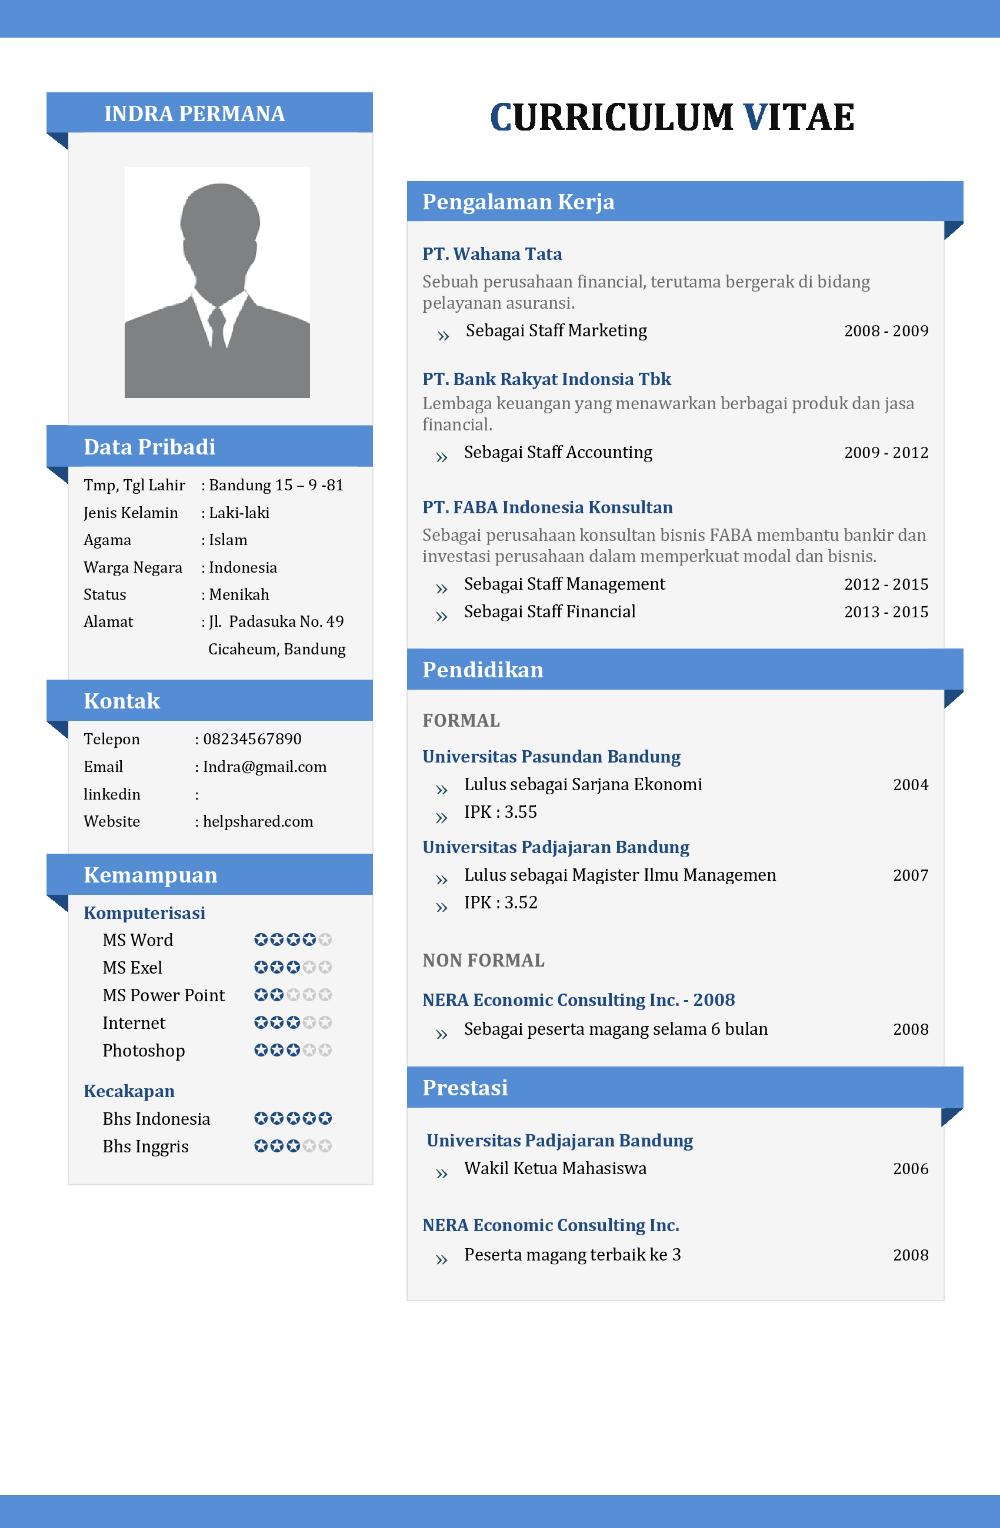 Download Contoh Cv Lamaran Kerja Terbaru Di 2020 Desain Resume Cv Kreatif Creative Cv Template